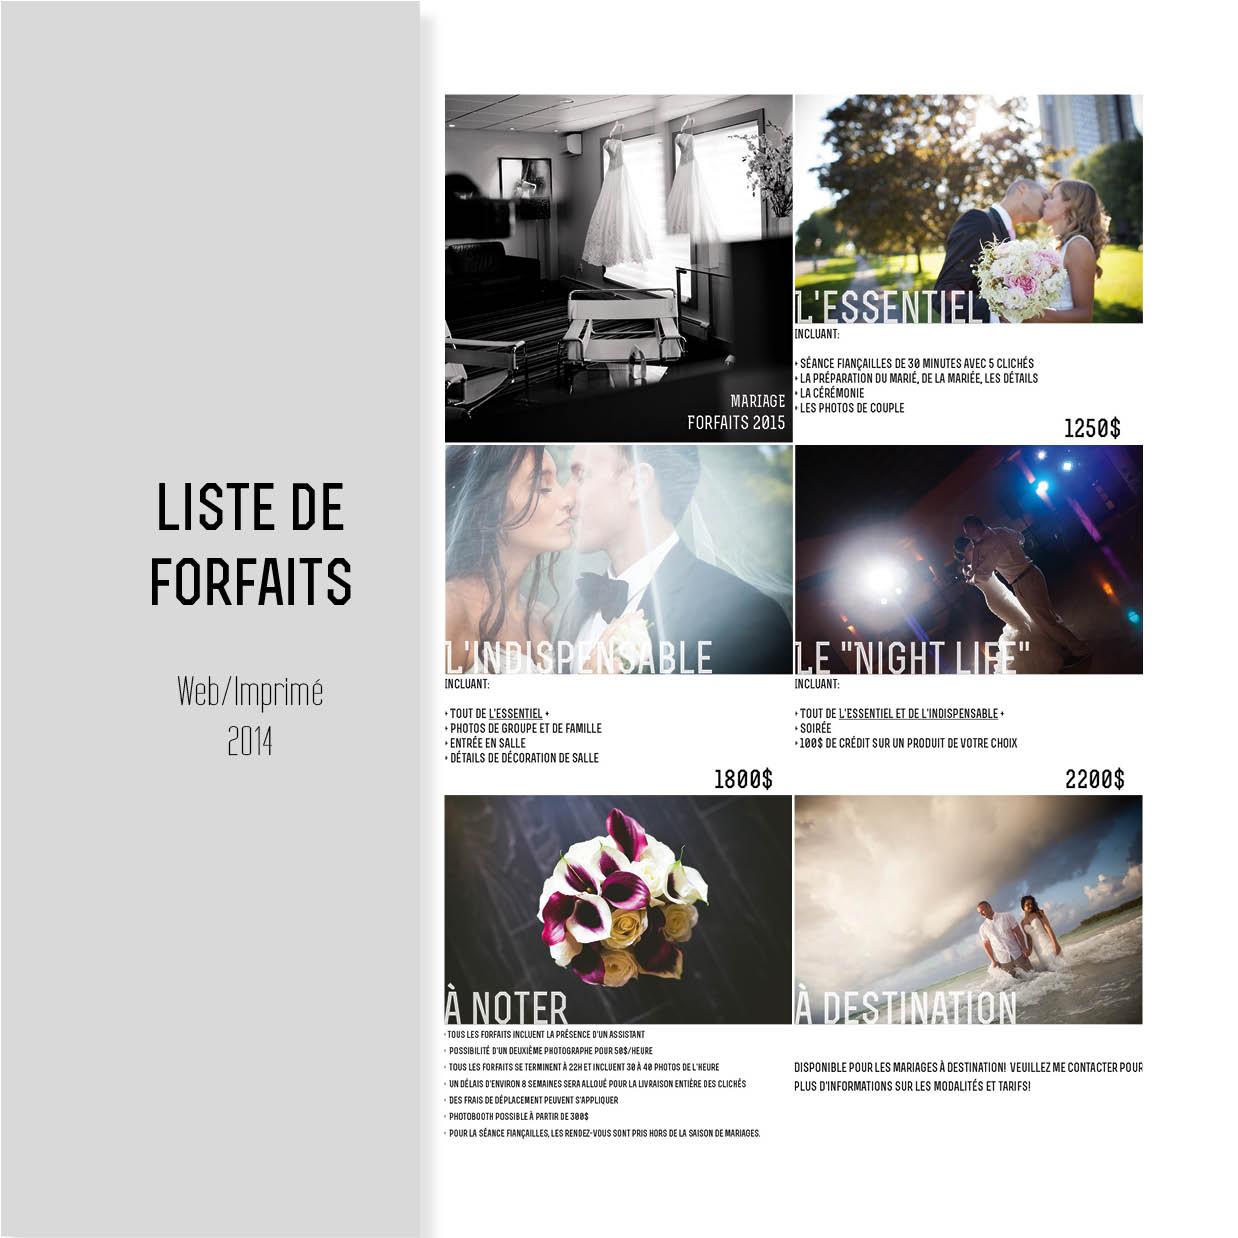 rousseau_stephanie_portfolio14.jpg